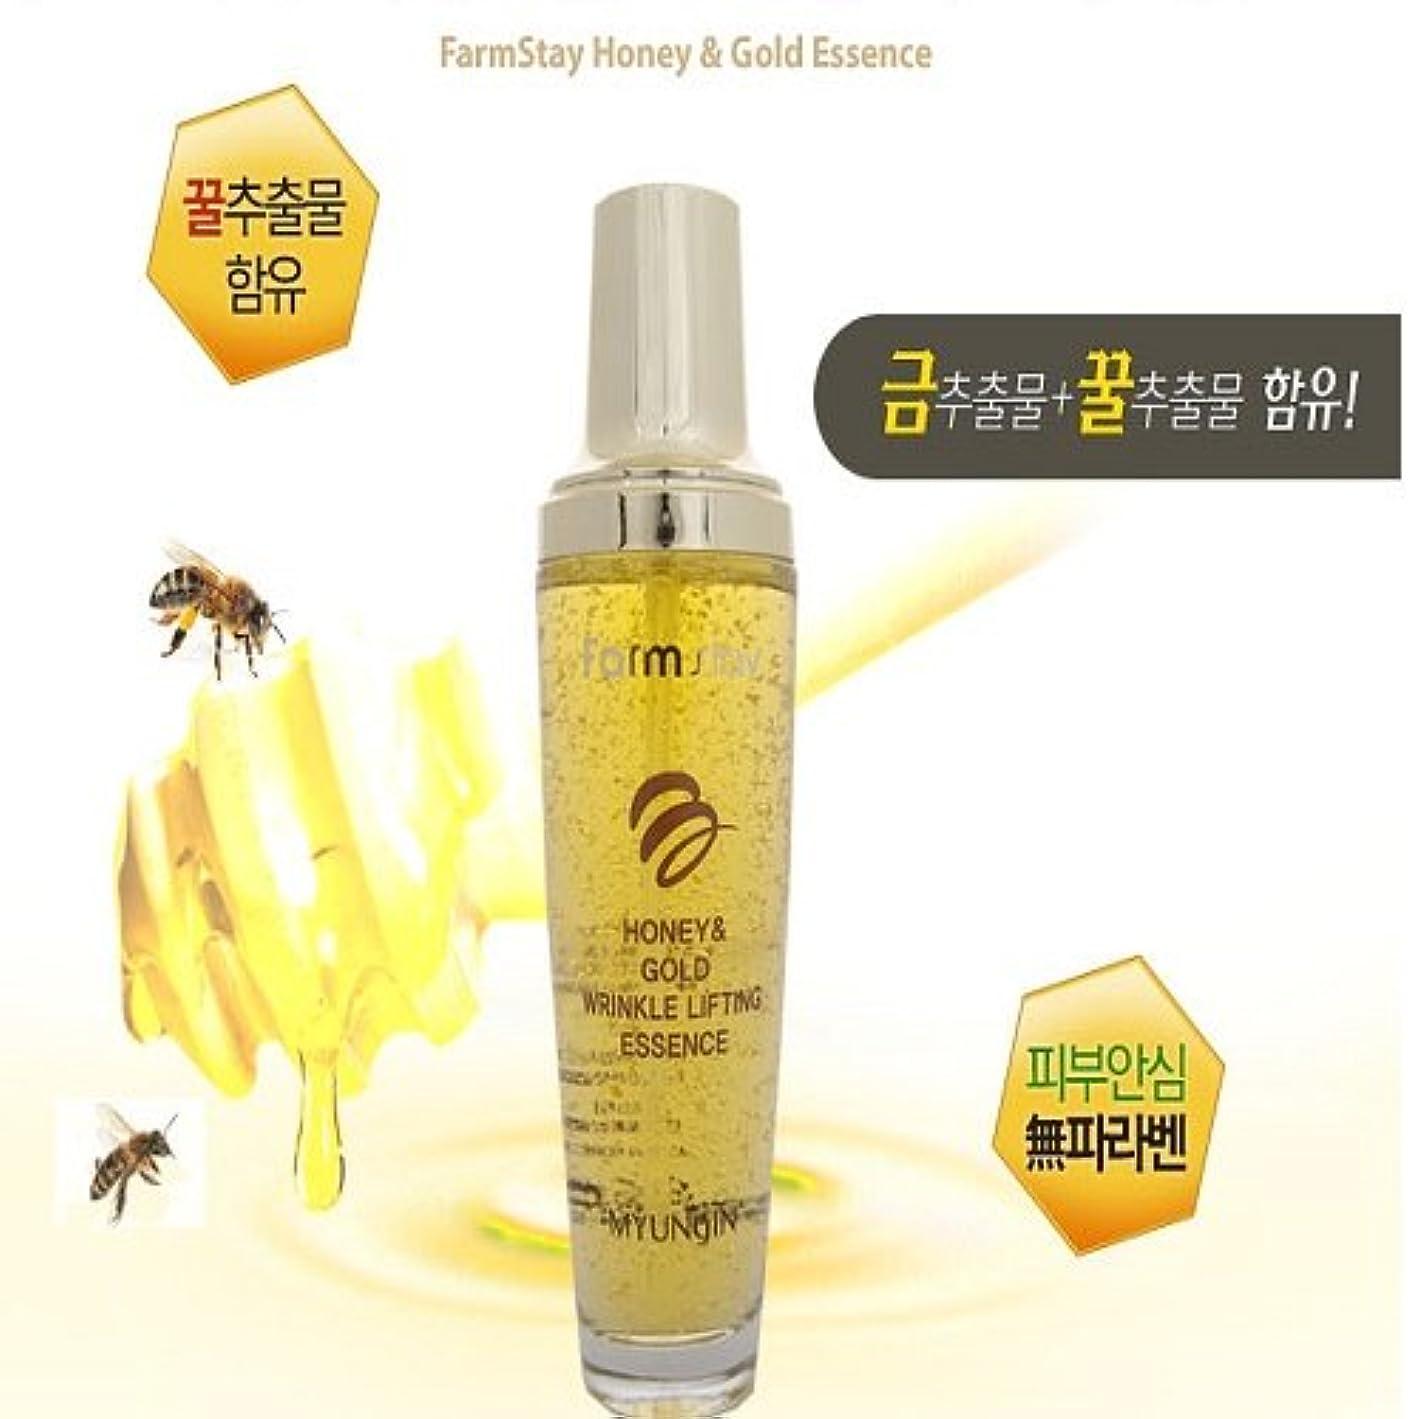 動詞ゴルフ動機[FARM STAY] Honey & Gold Wrinkle Lifting Essence 130ml